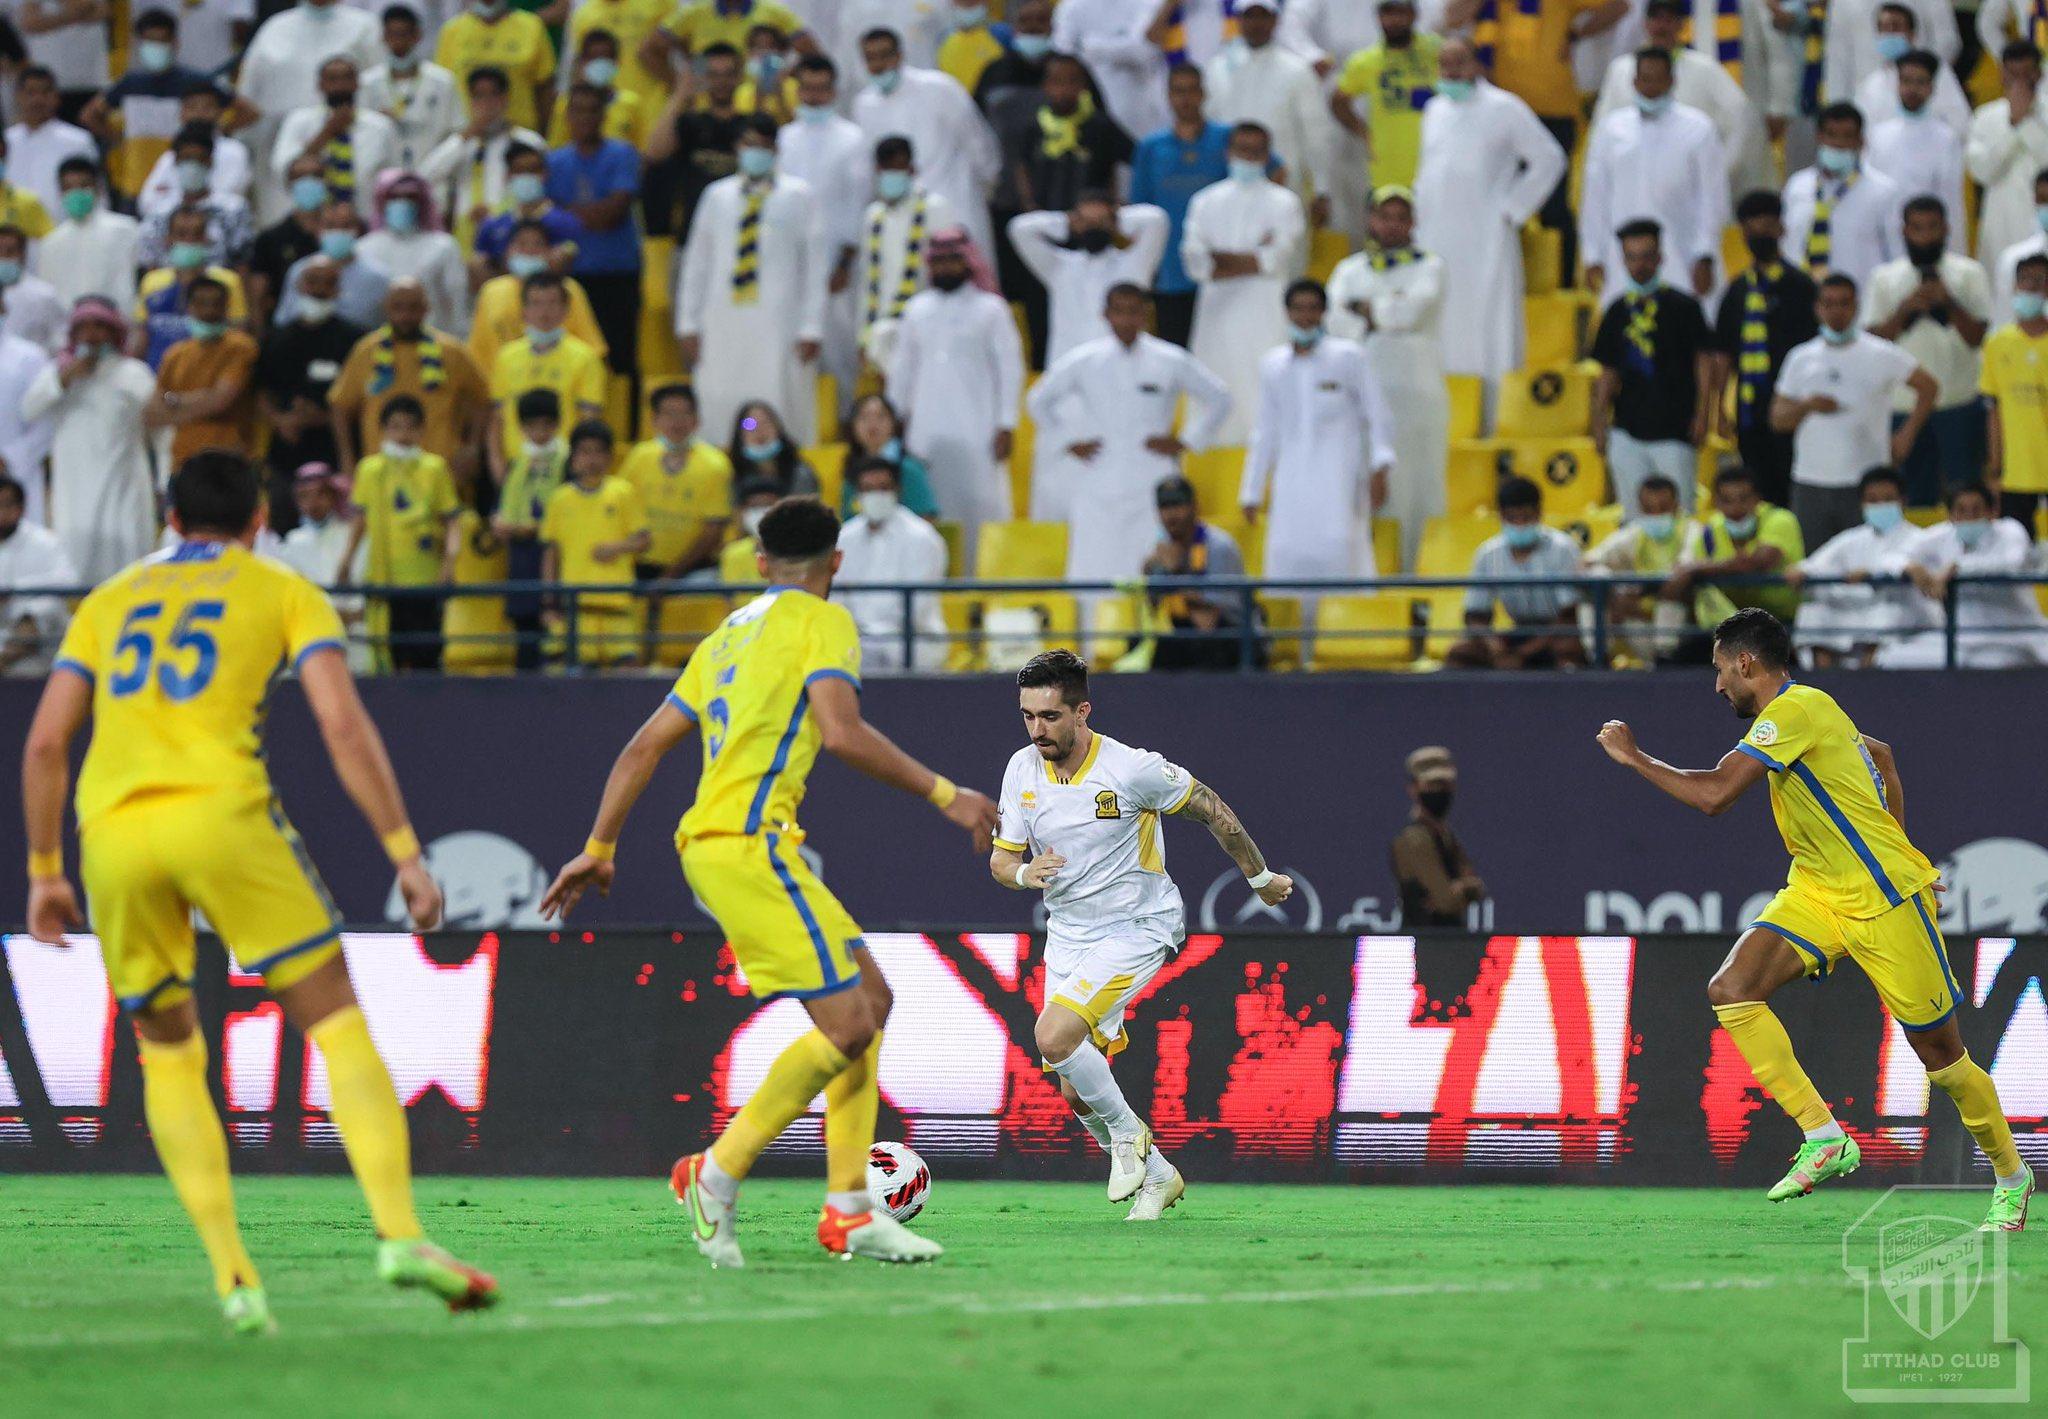 الاتحاد يحقق الفوز على النصر في الدوري السعودي